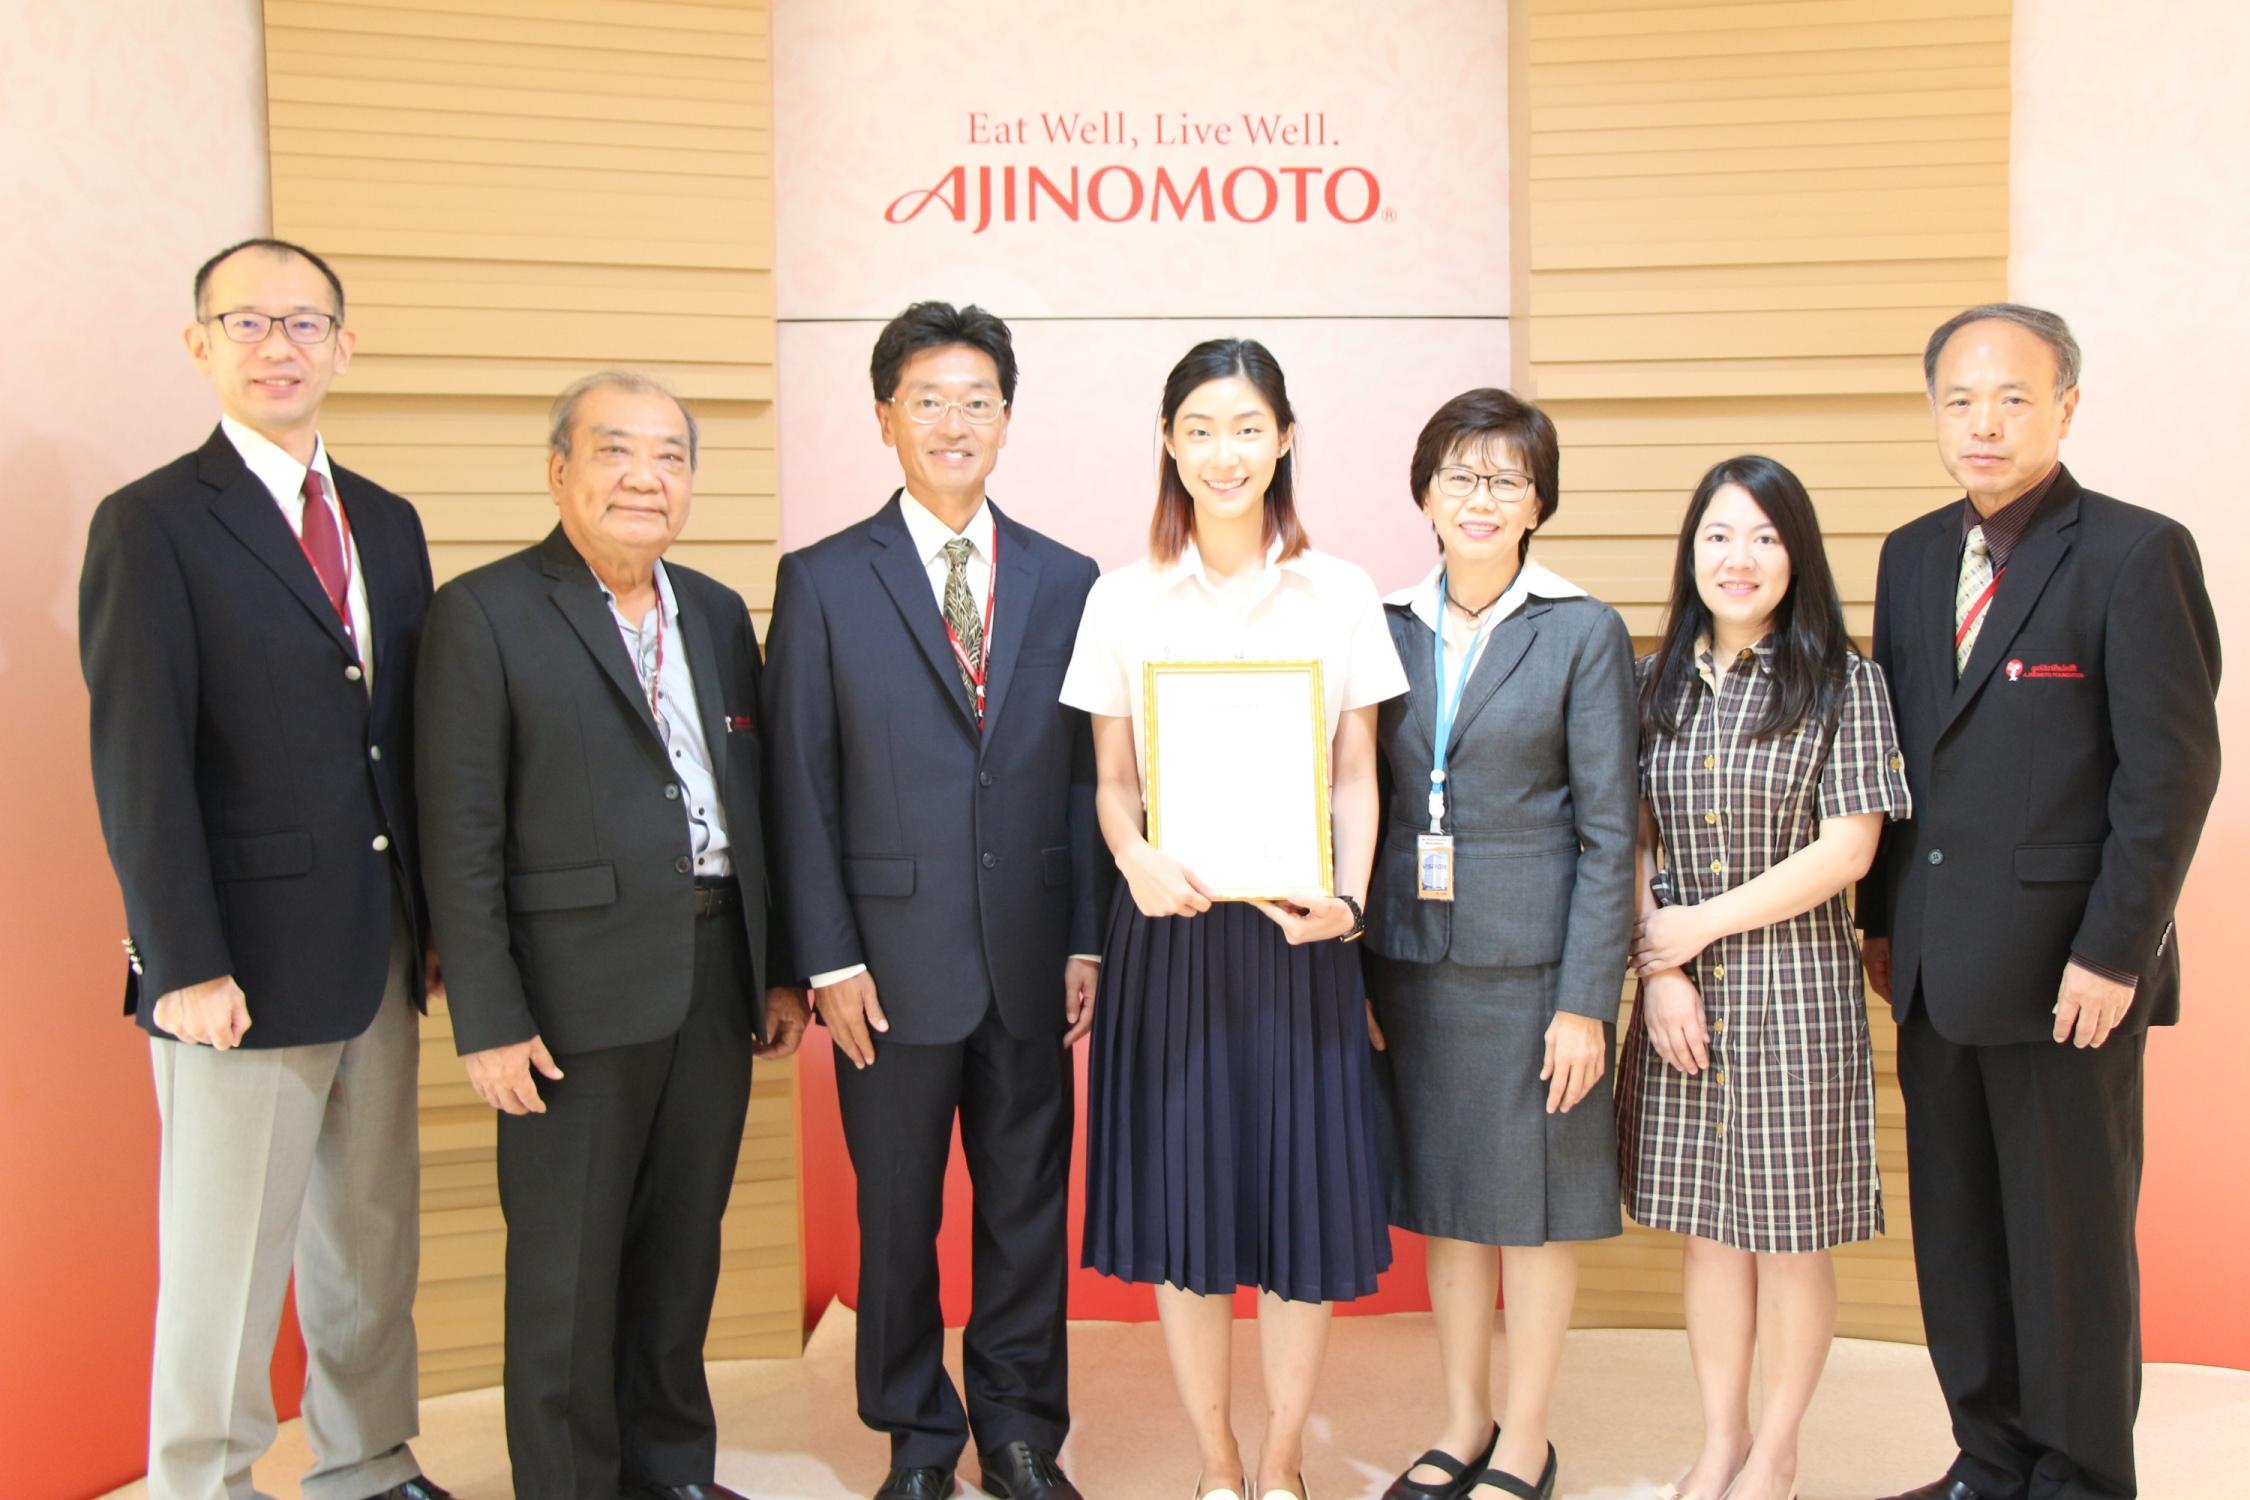 มูลนิธิอายิโนะโมะโต๊ะ มอบทุนศึกษาต่อปริญญาโท ณ มหาวิทยาลัยโตเกียว ประเทศญี่ปุ่น ต่อเนื่องเป็นปีที่ 10